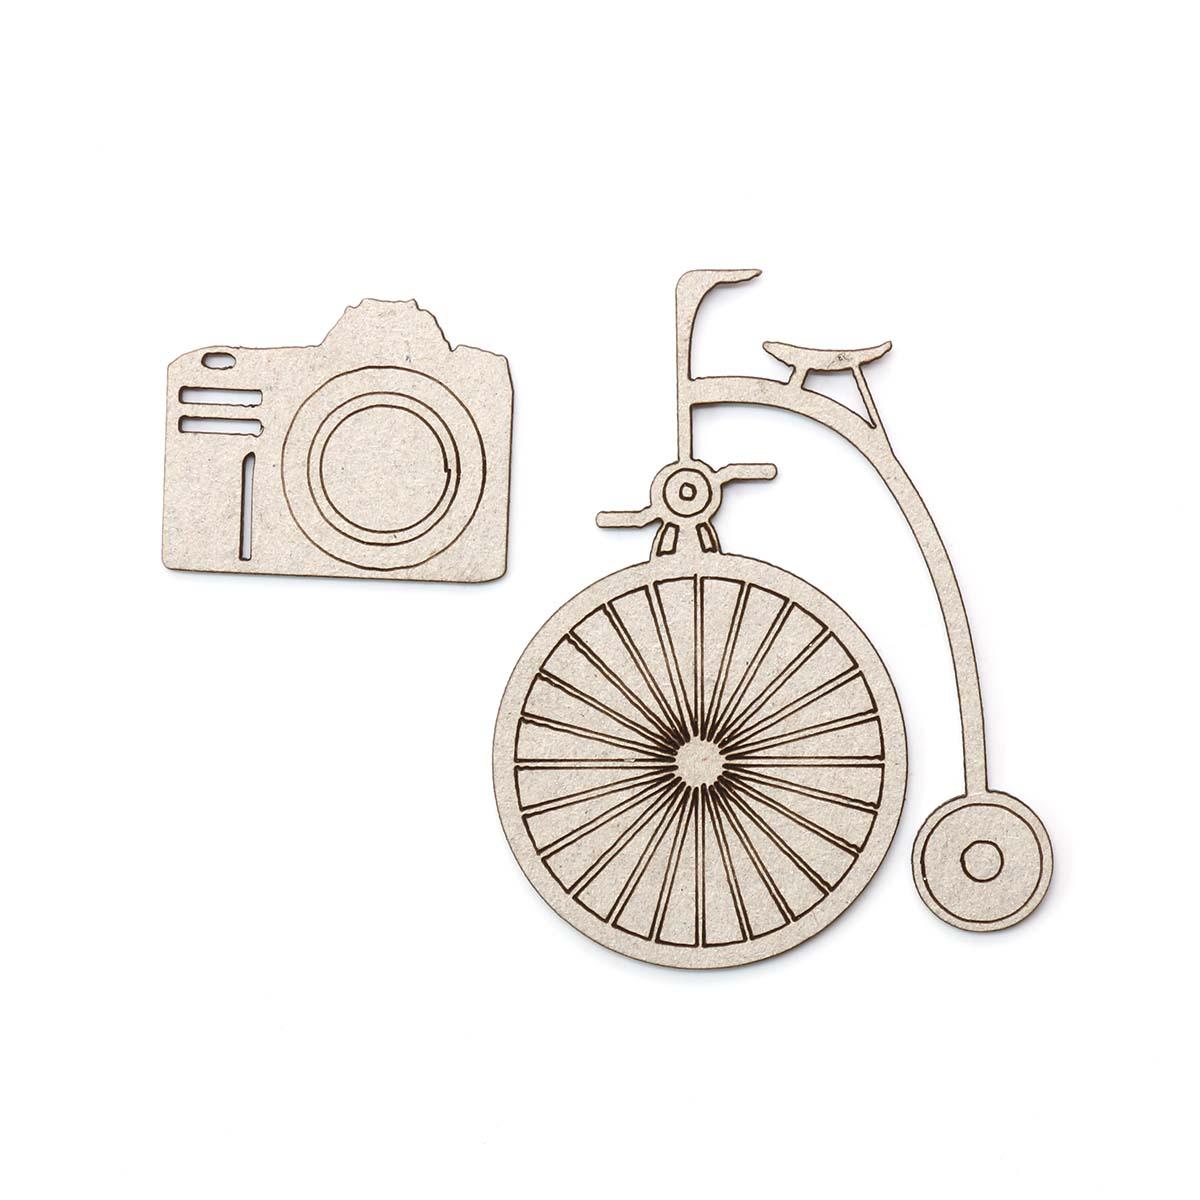 ВК-3 Декоративный элемент 'Велосипед', 50*40 мм, упак./2 шт., 'Астра'